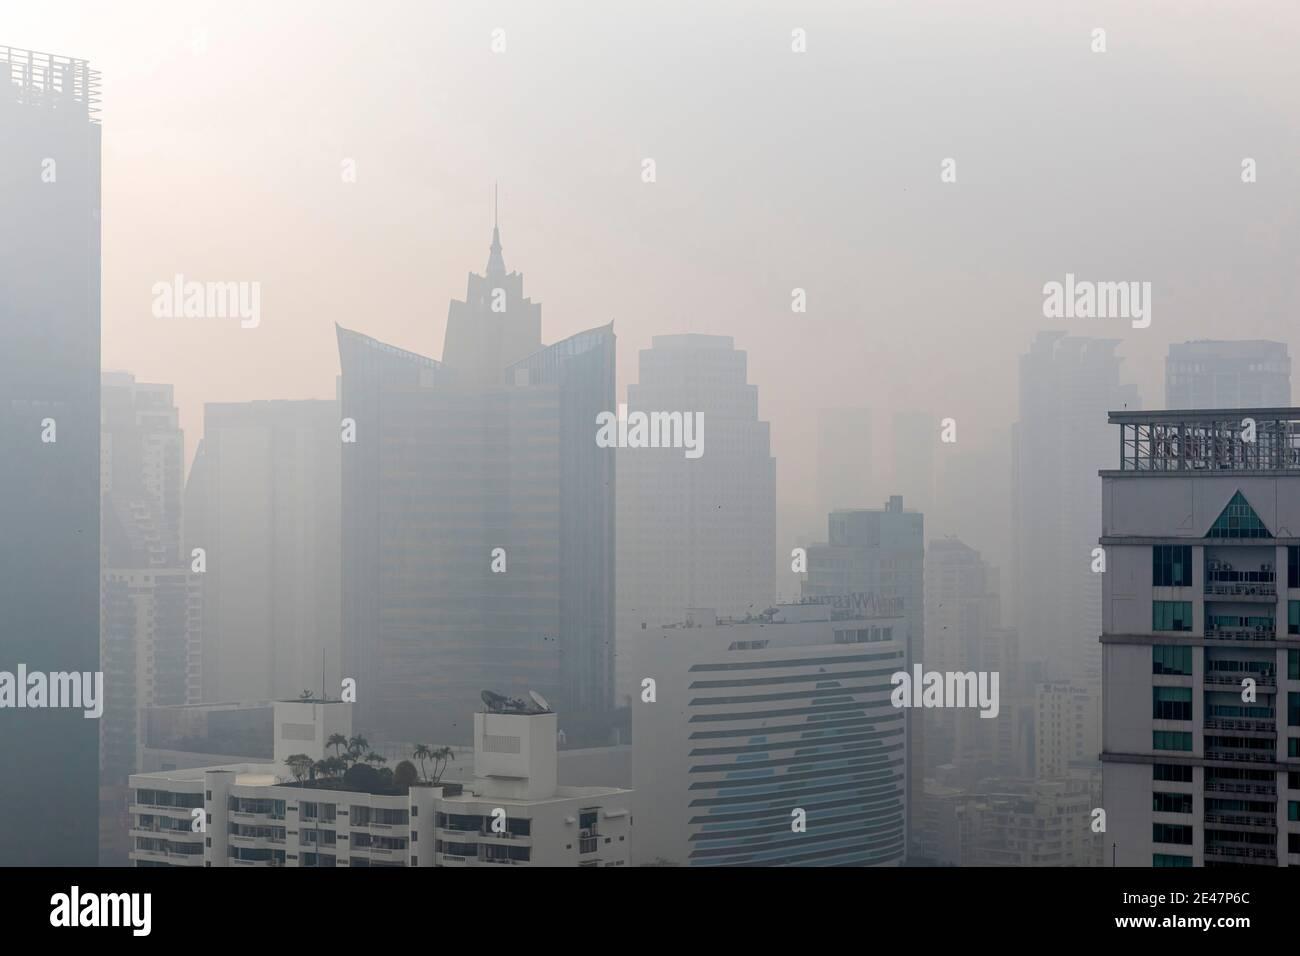 Brume et pollution au-dessus du centre de Bangkok, Thaïlande Banque D'Images